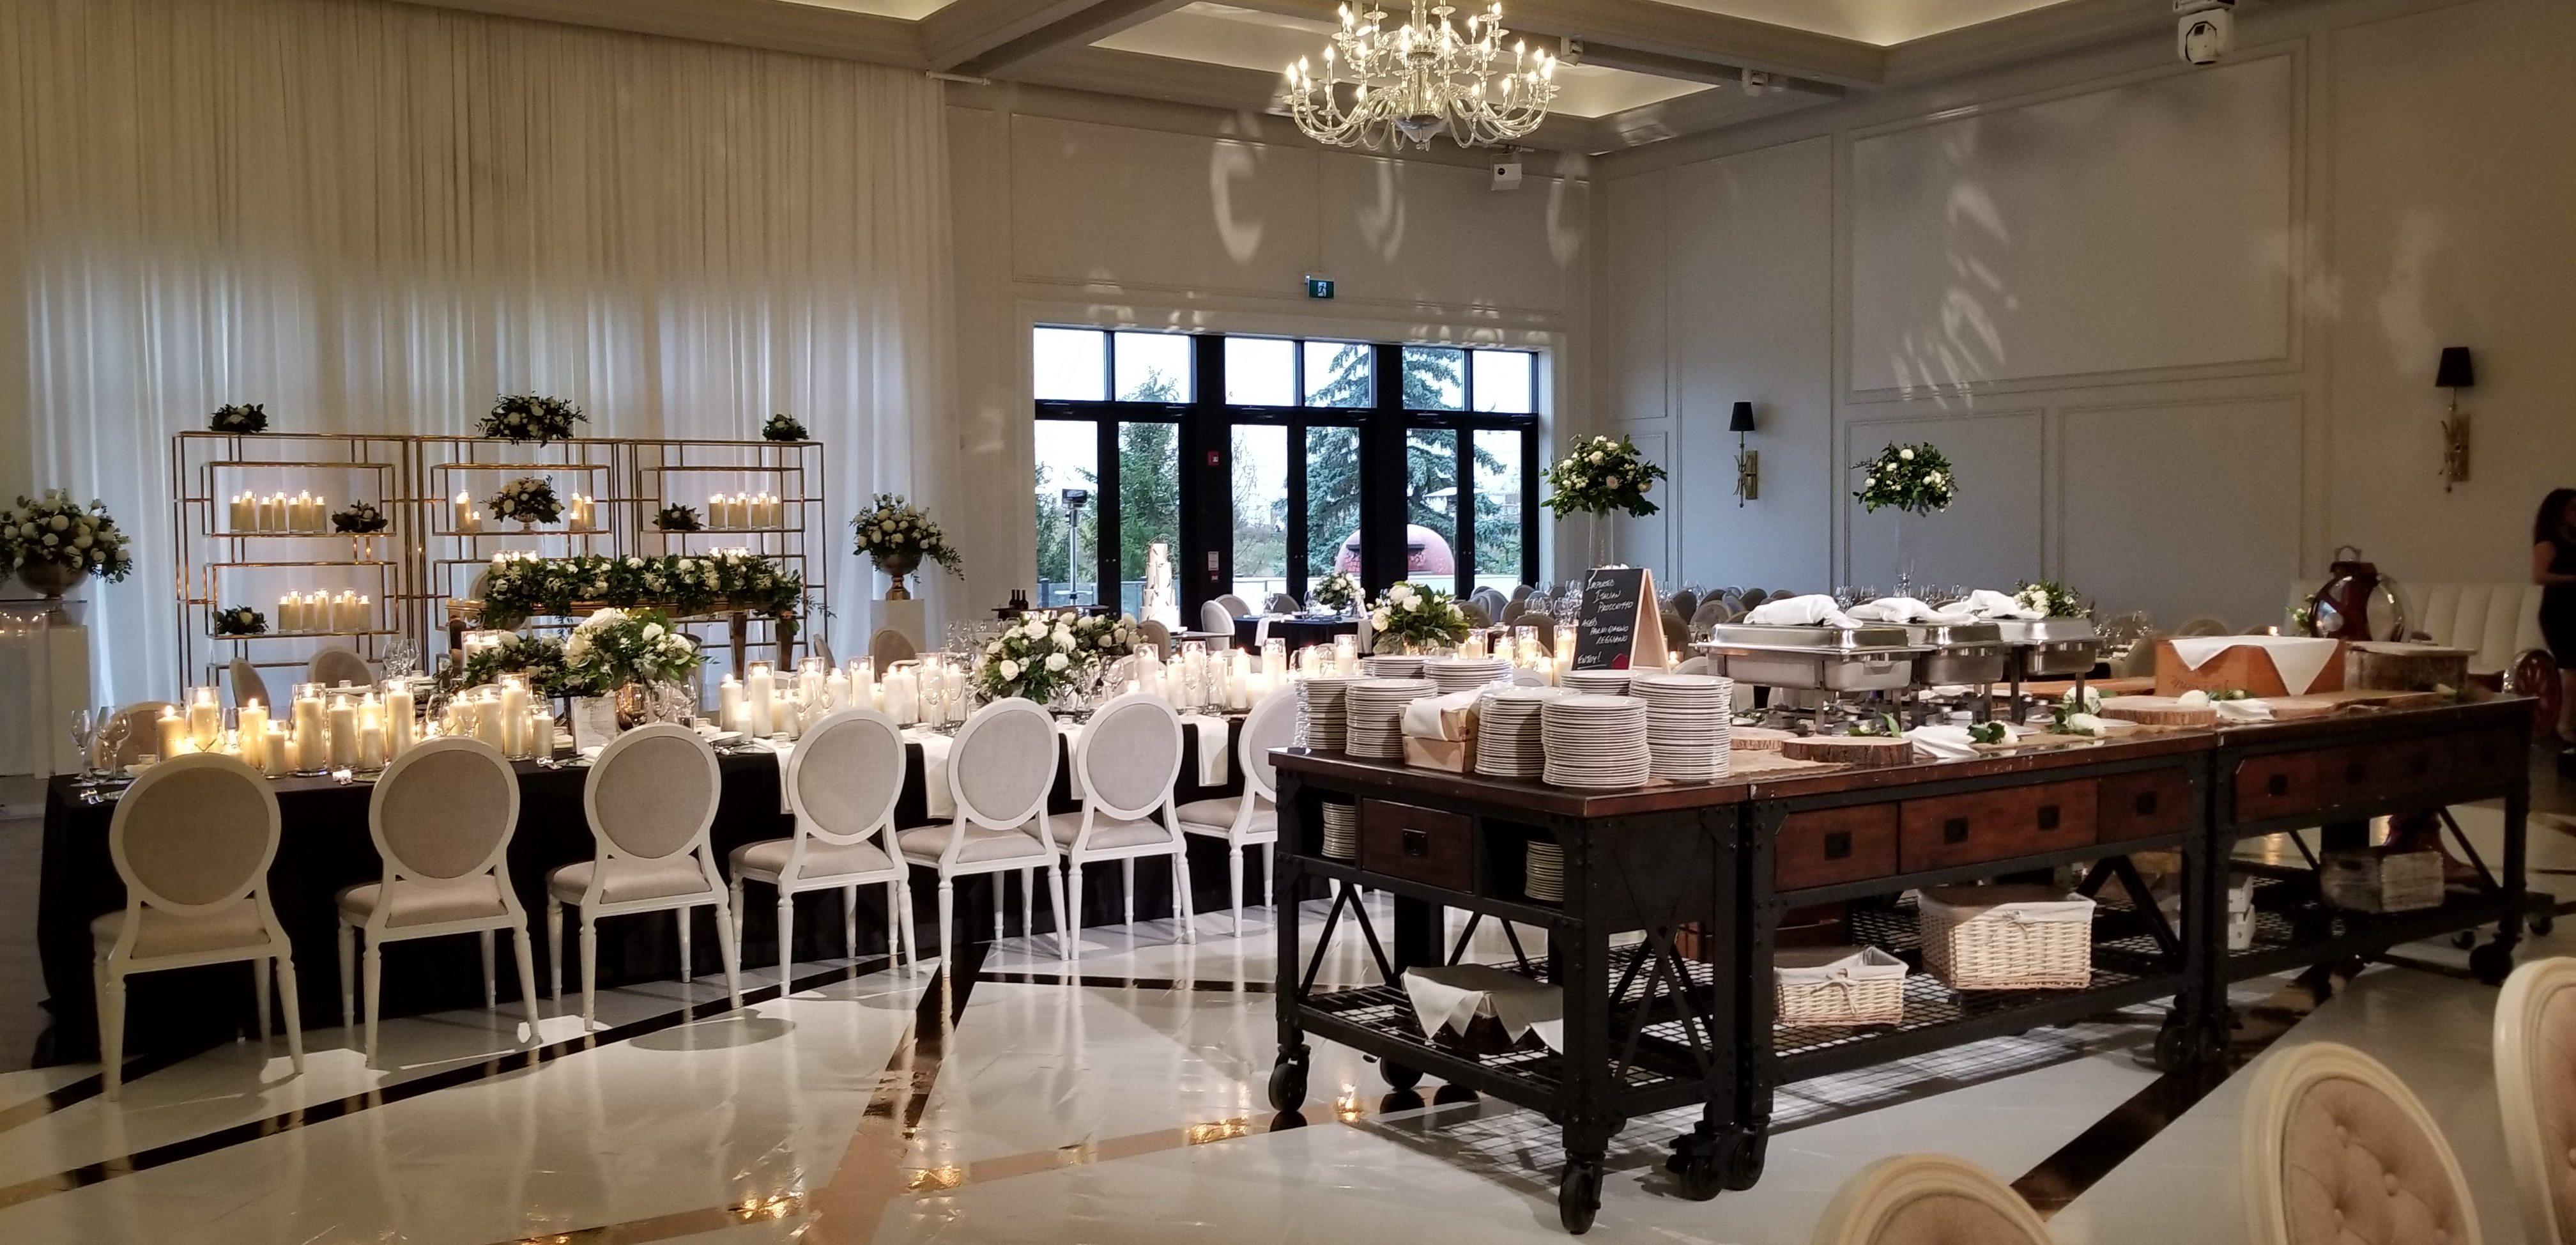 luxury wedding event planning Toronto